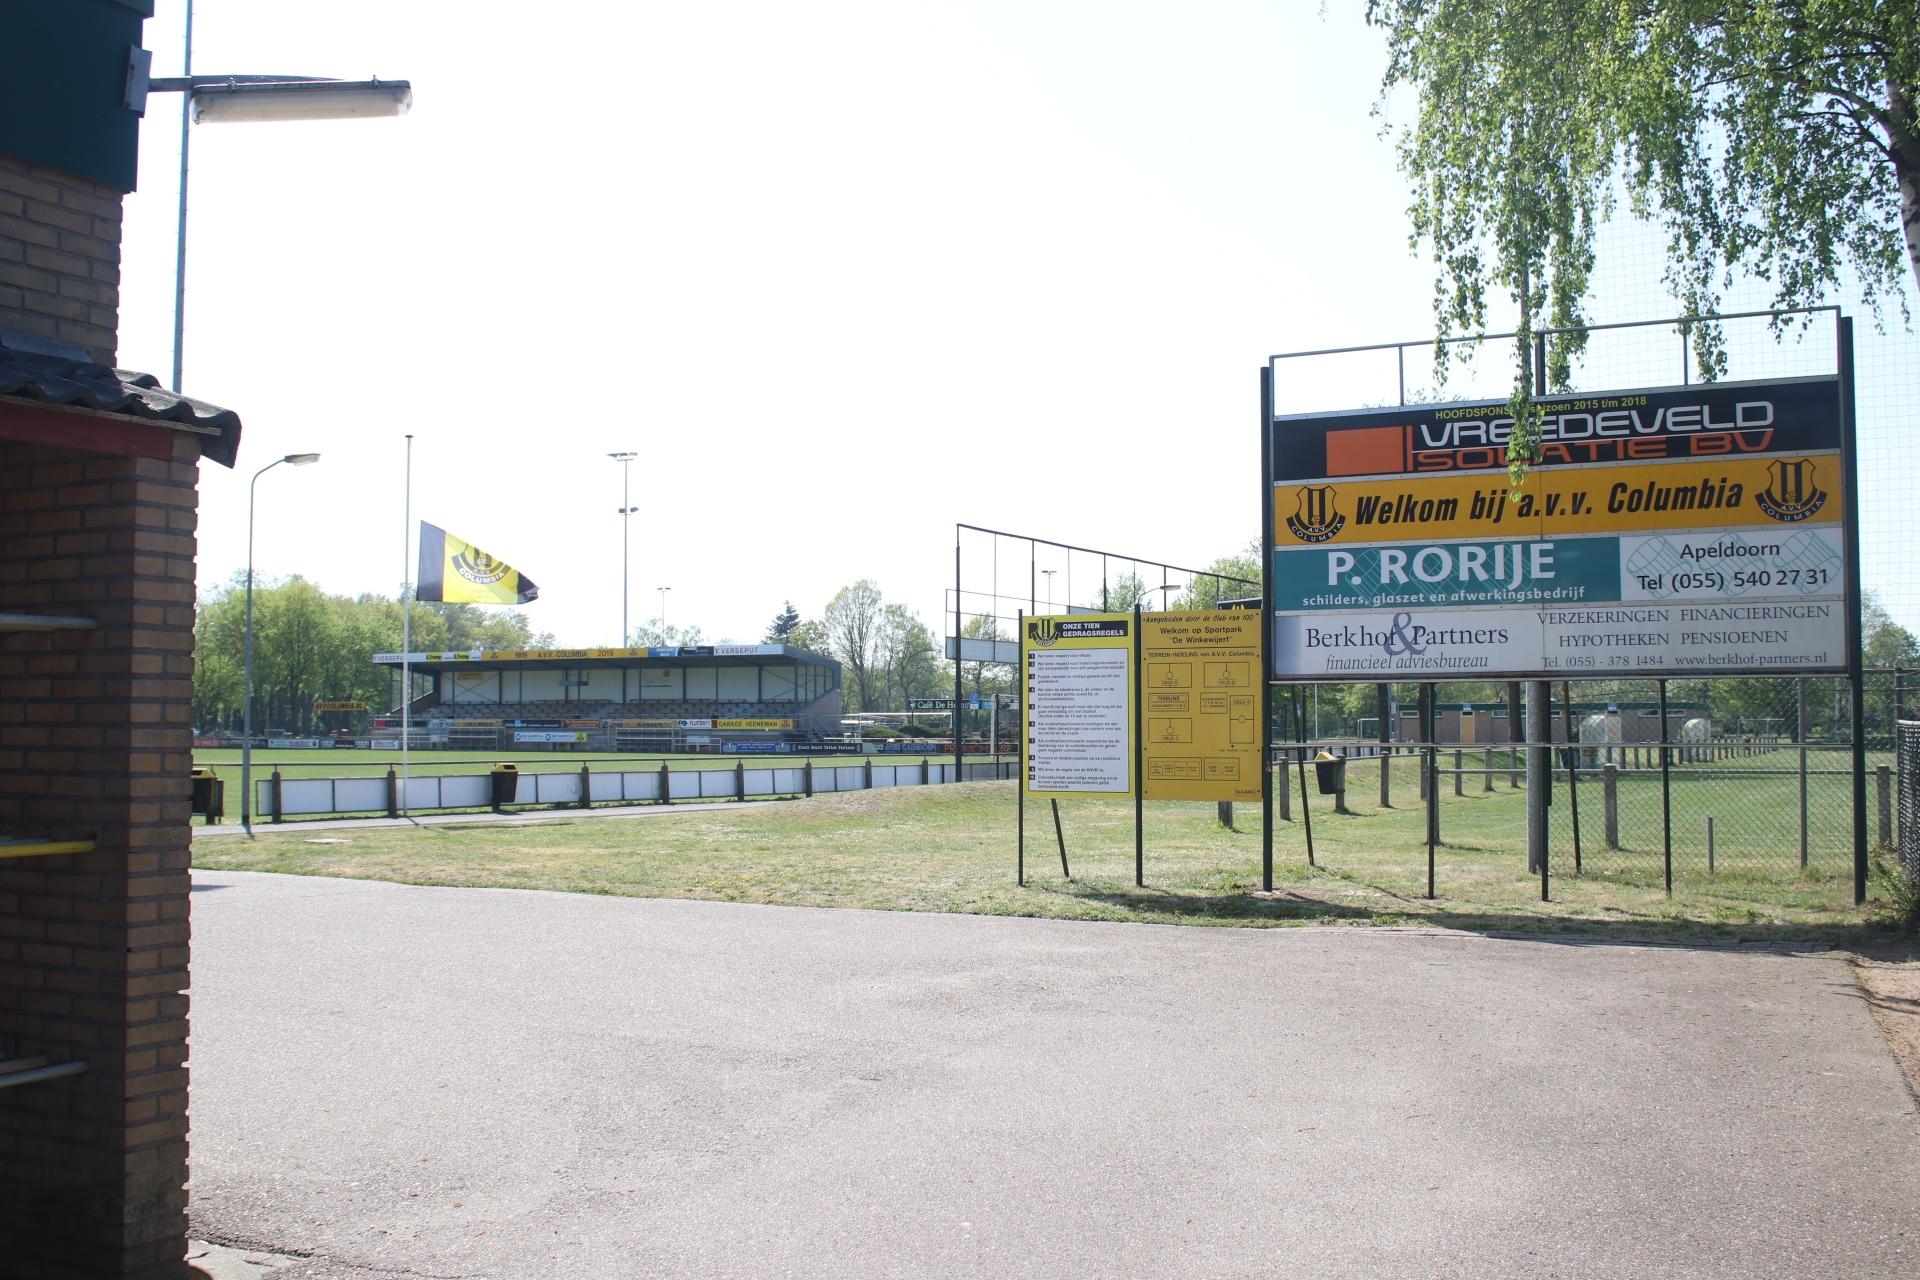 Verslagenheid bij voetbalvereniging Columbia, na verlies van twee spelers